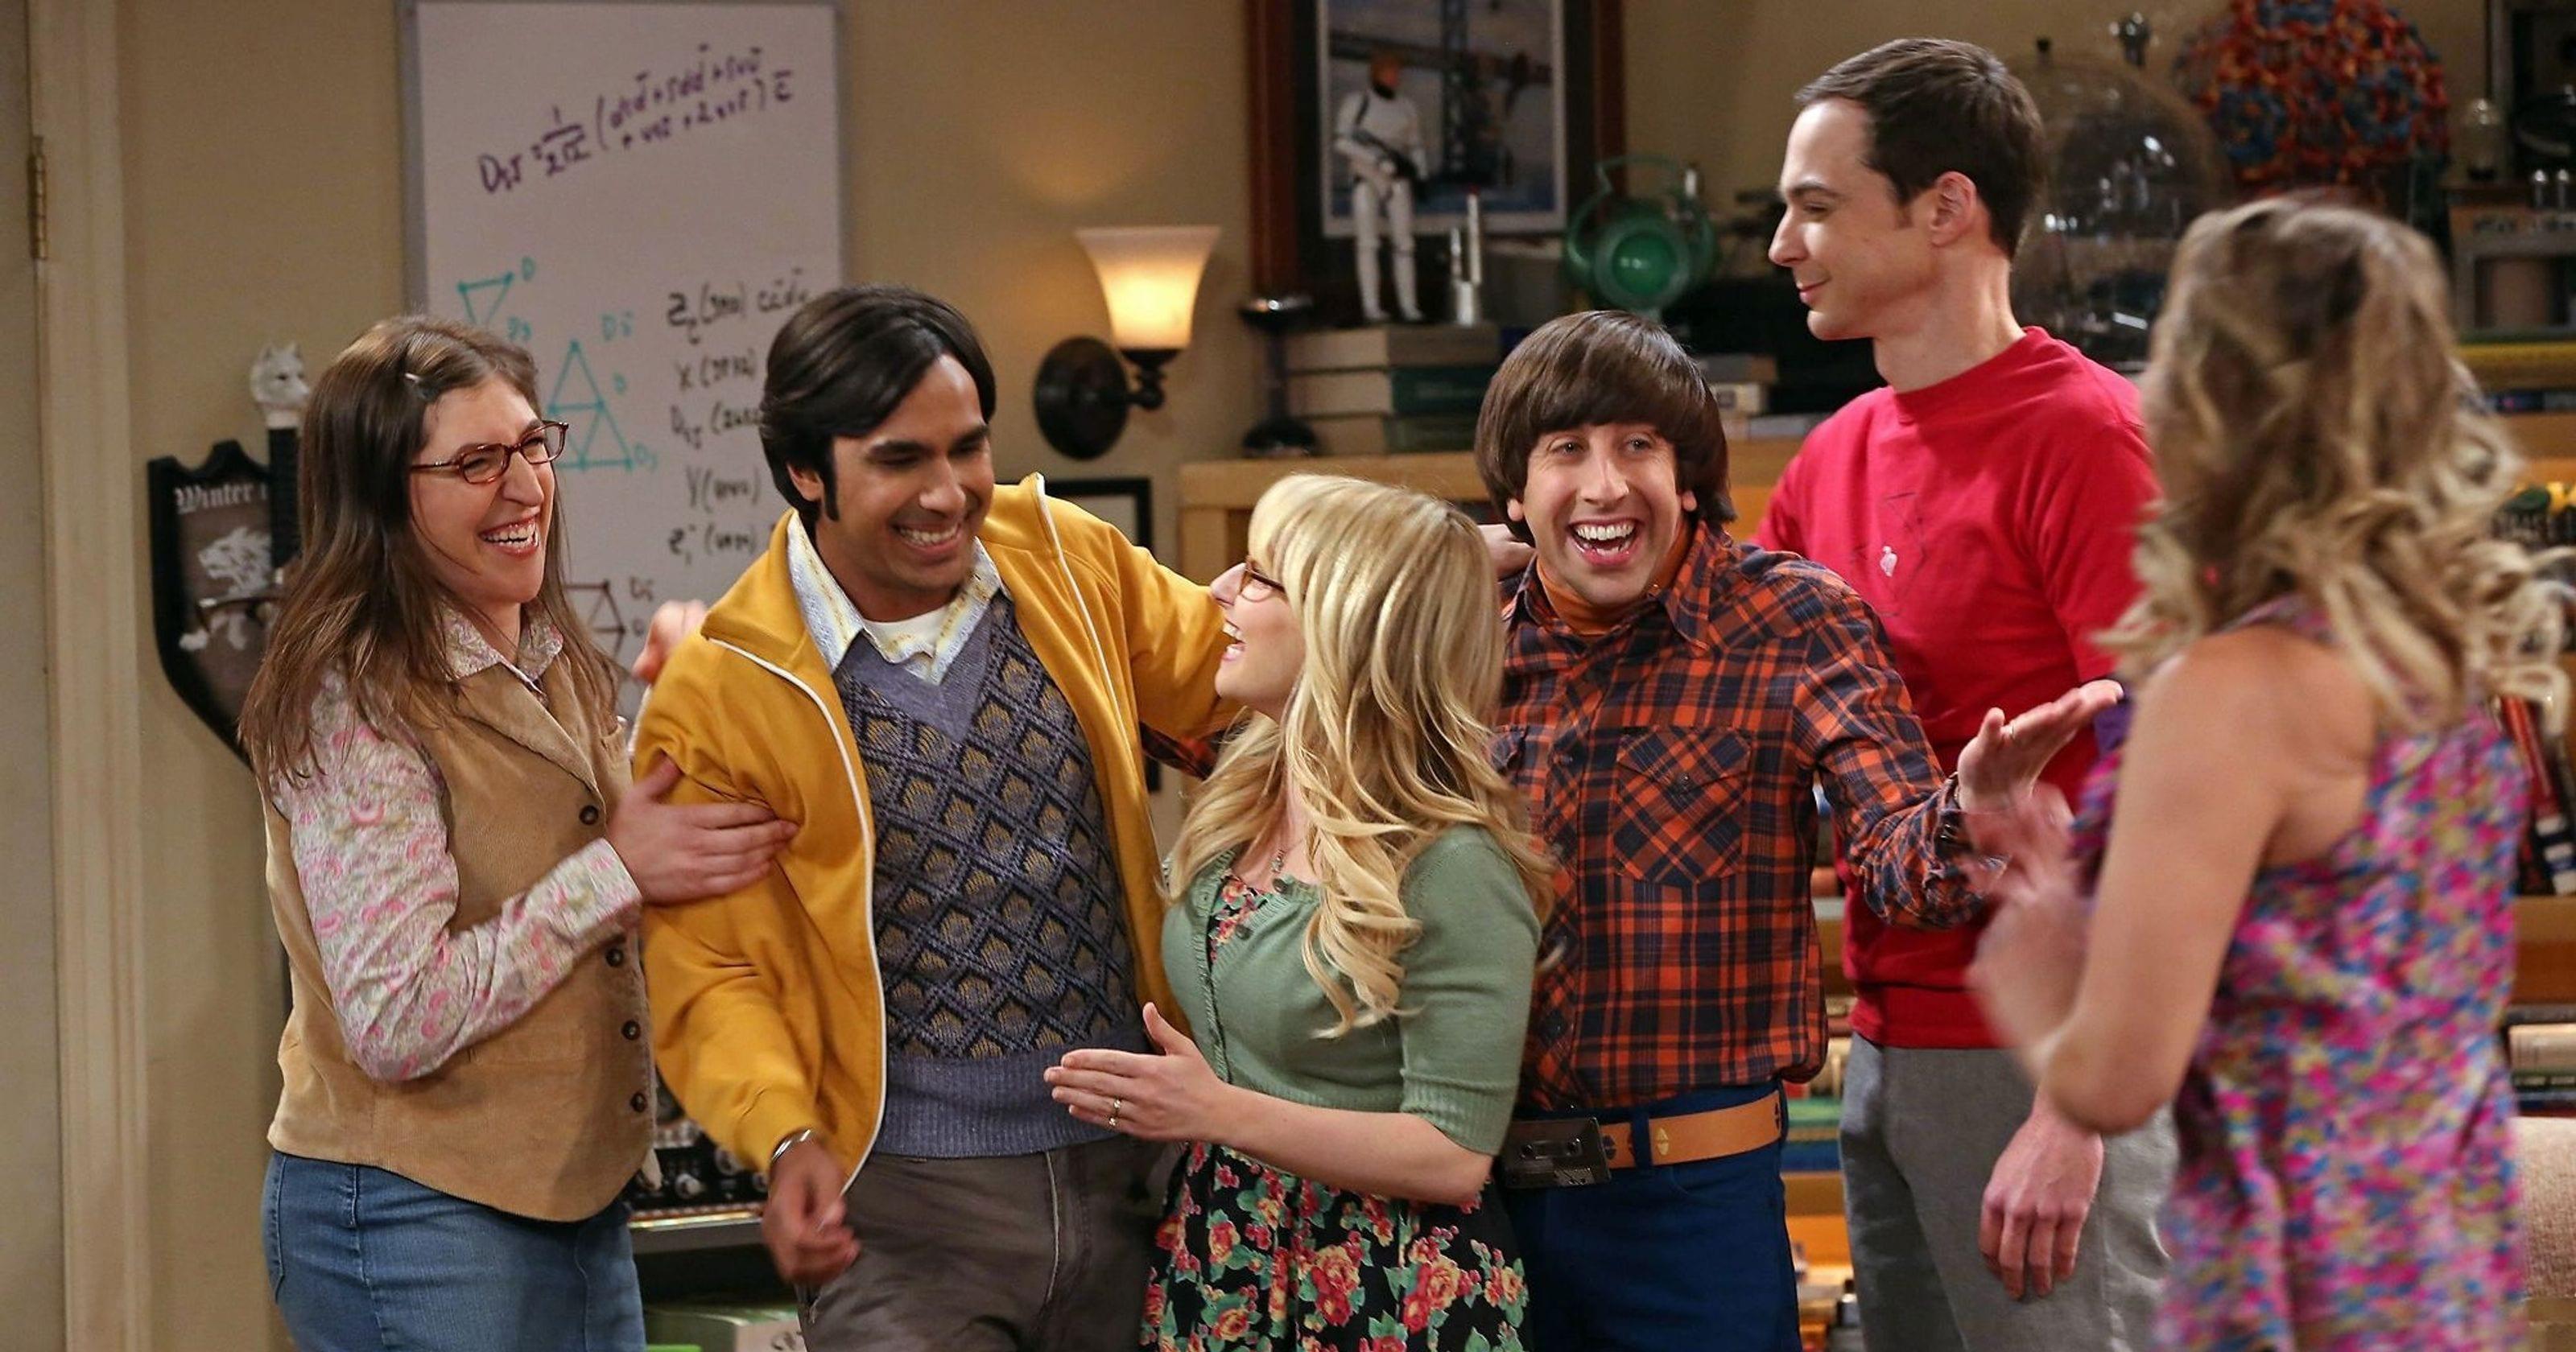 The Big Bang Theory endar á næsta ári